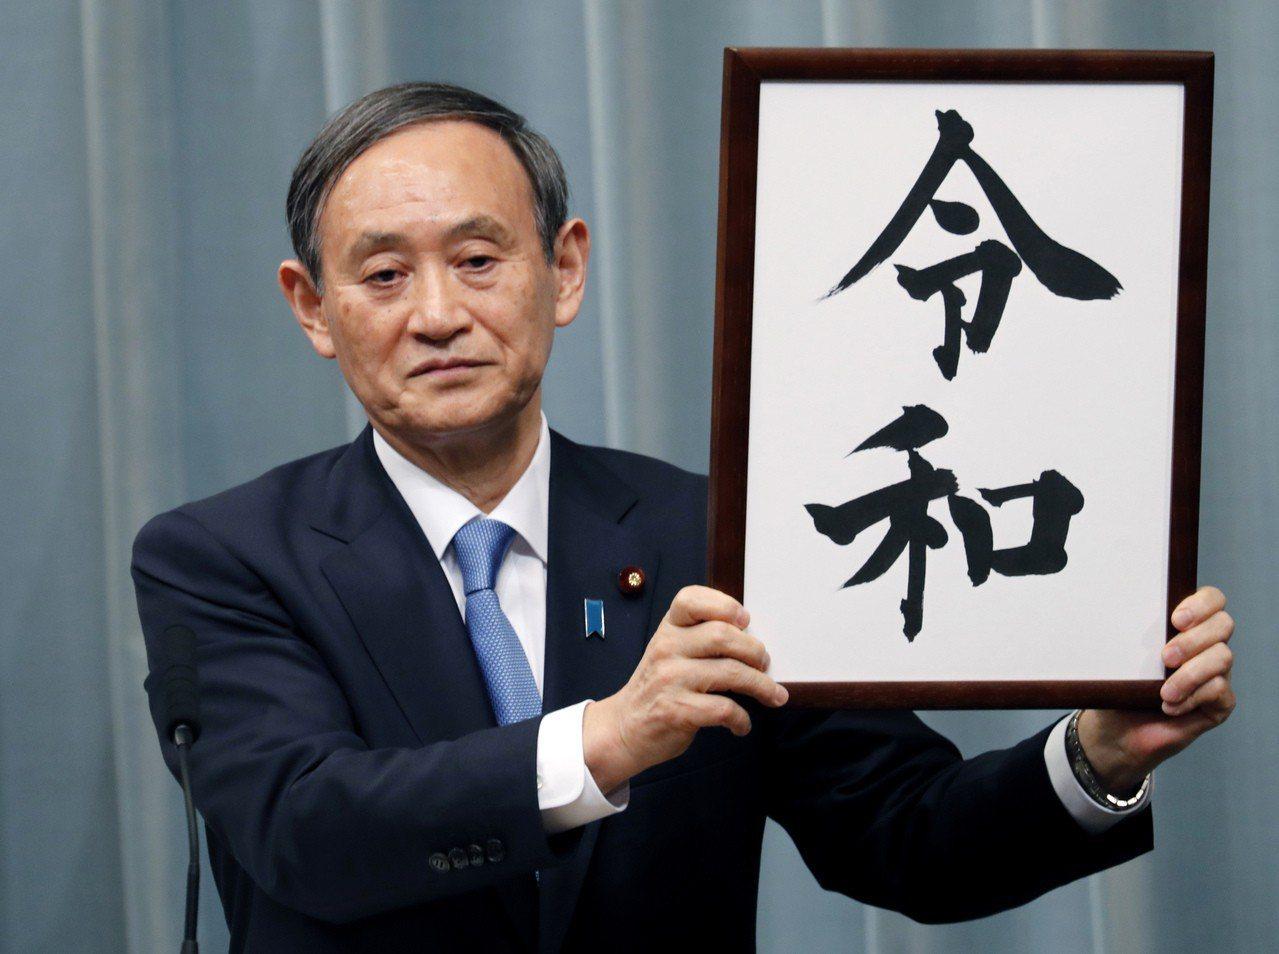 日本新年號「令和」首度取自日本古籍而非中國經典,在日本引發許多專家批評。美聯社